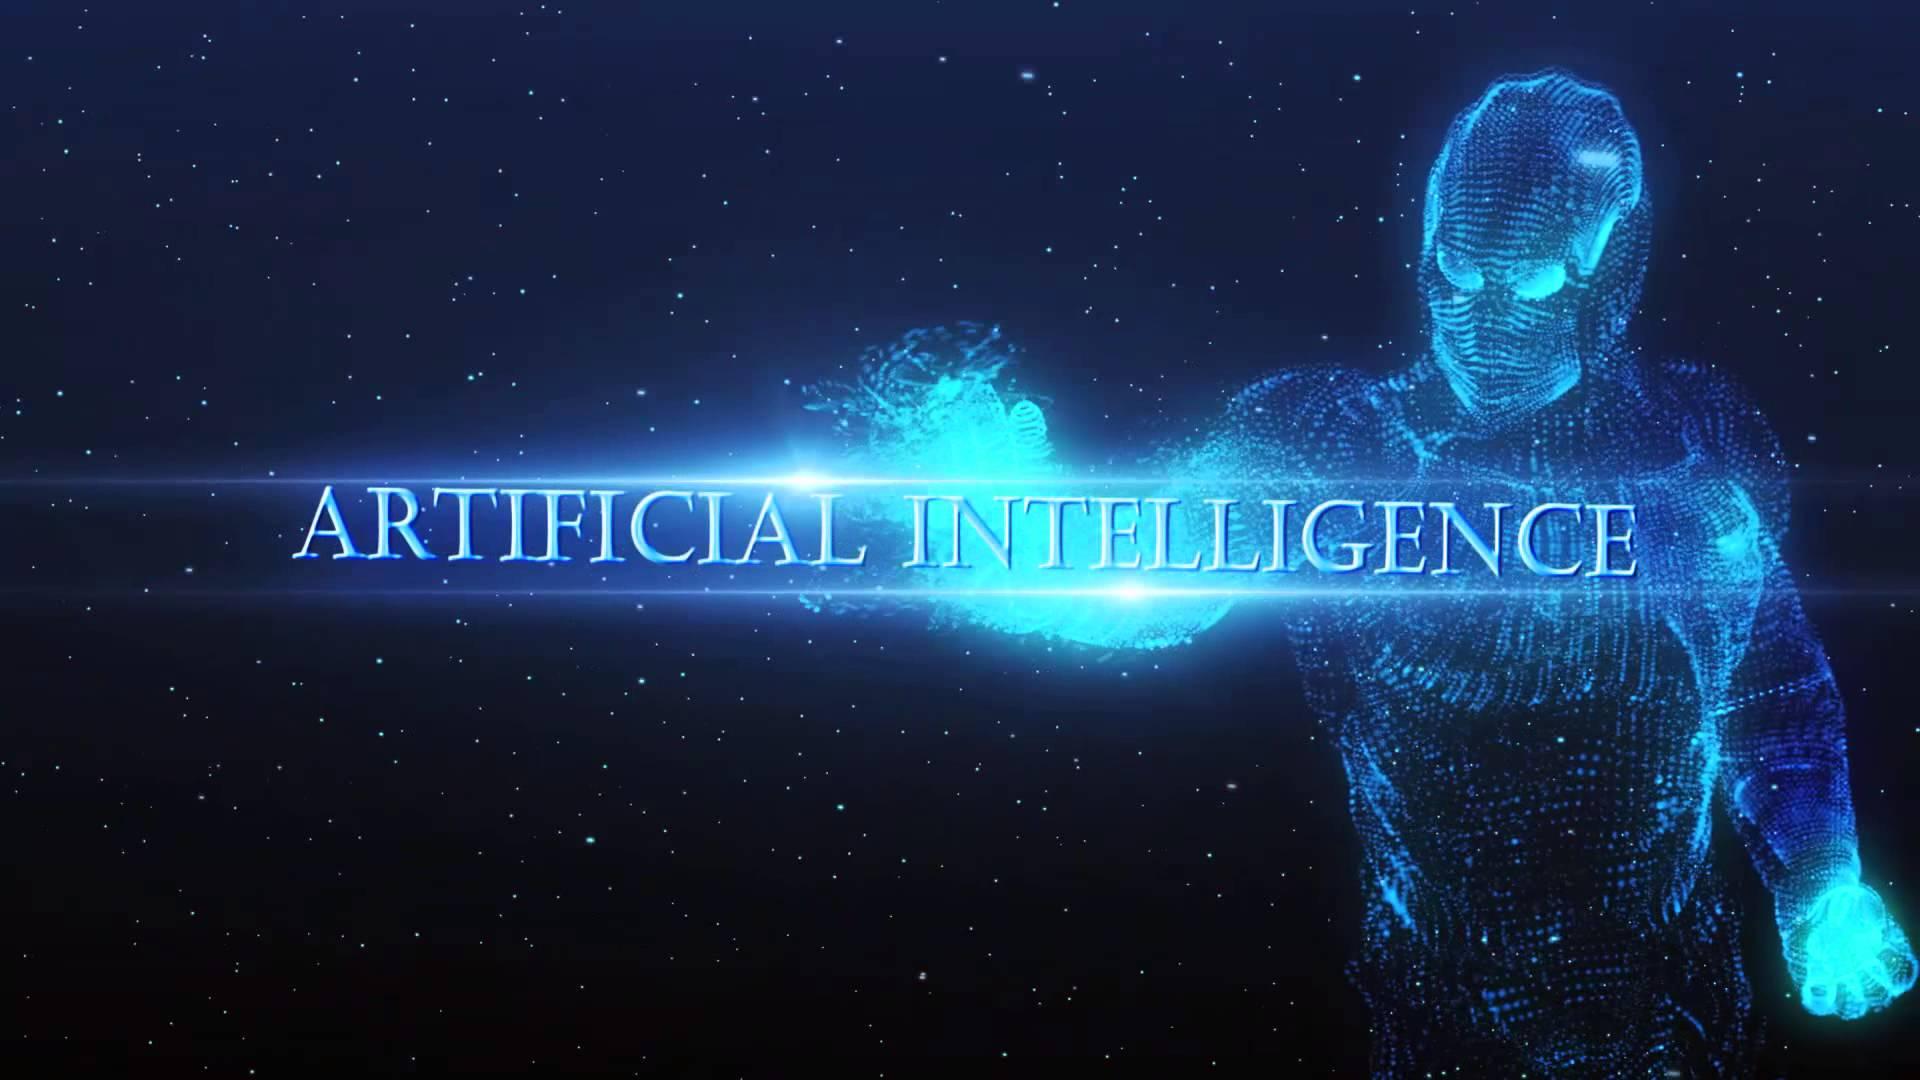 Αποτέλεσμα εικόνας για artificial intelligence